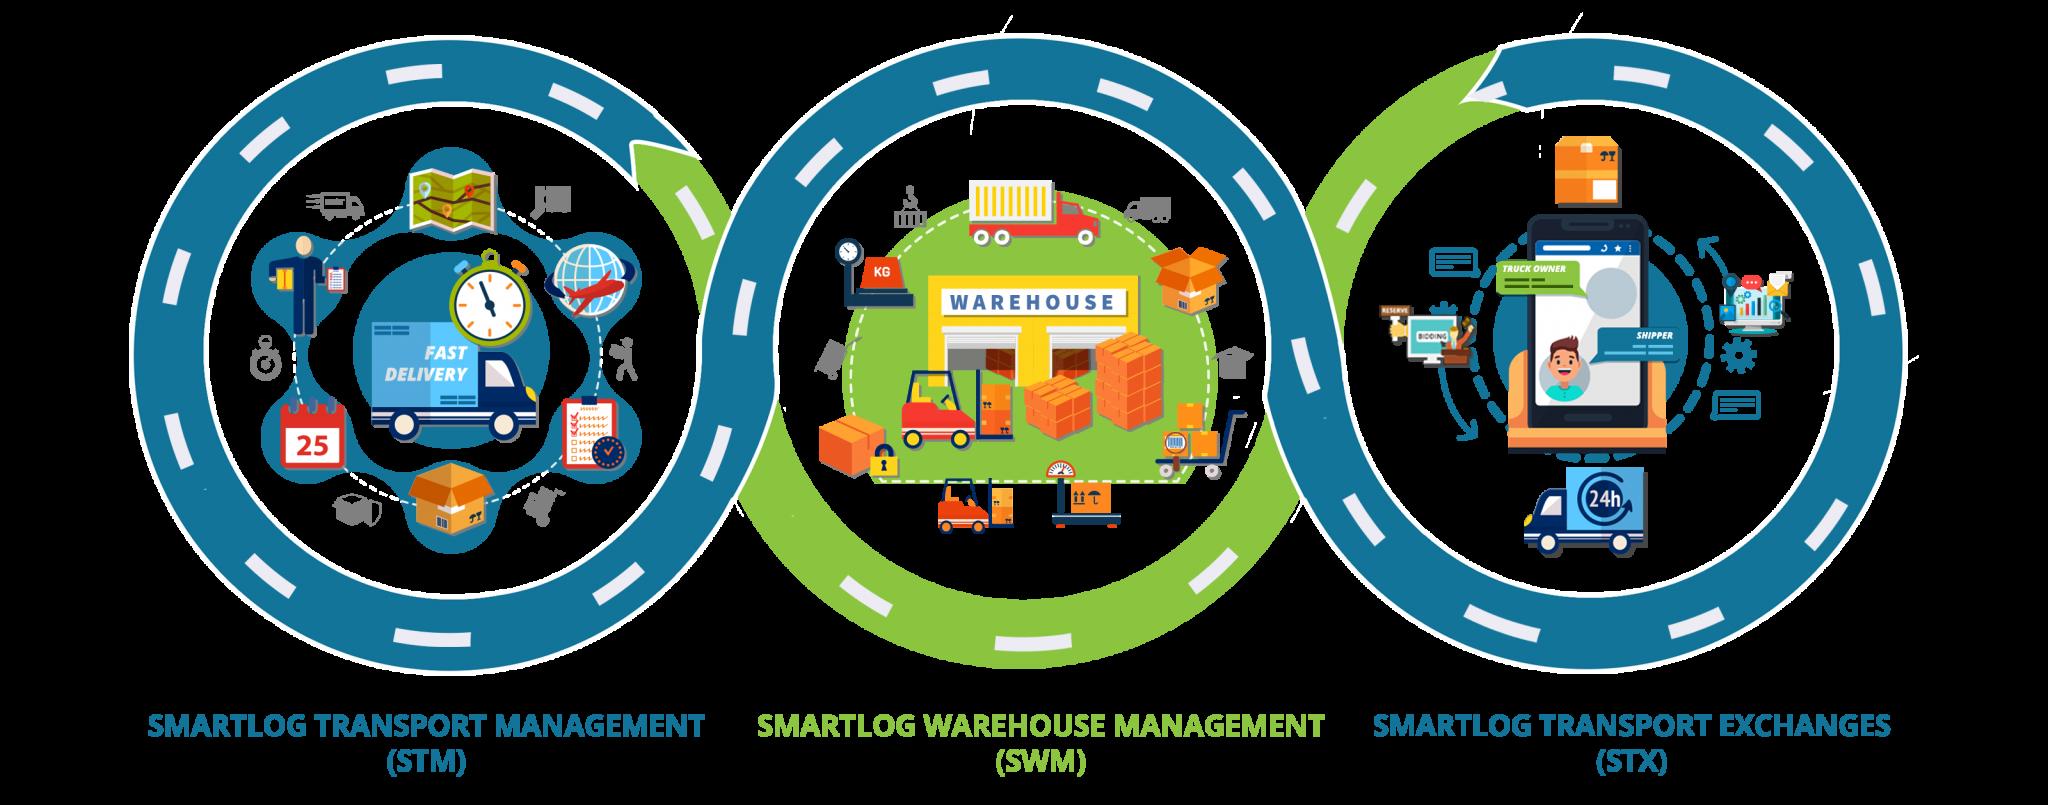 smartlog ecosystem